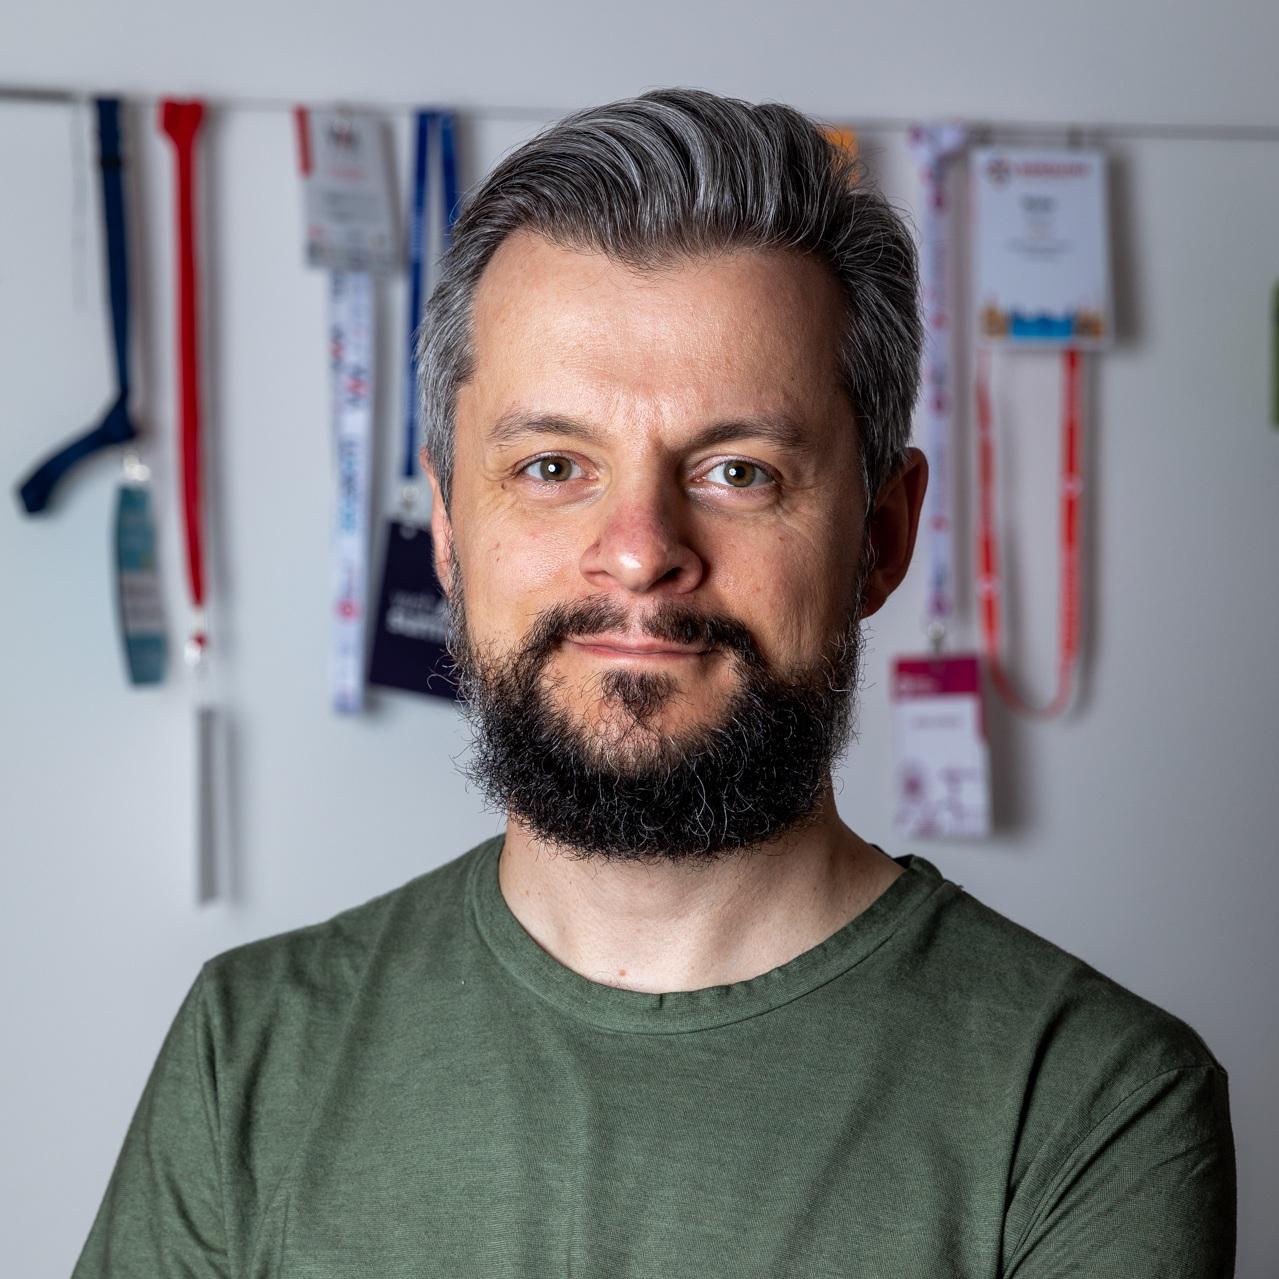 Consulente web, designer e sviluppatore - Benvenuto! Sono Nicola Stocco. Progetto e curo la presenza online di aziende e professionisti, dal 2005. Il mio ingrediente segreto? L'esperienza utente.